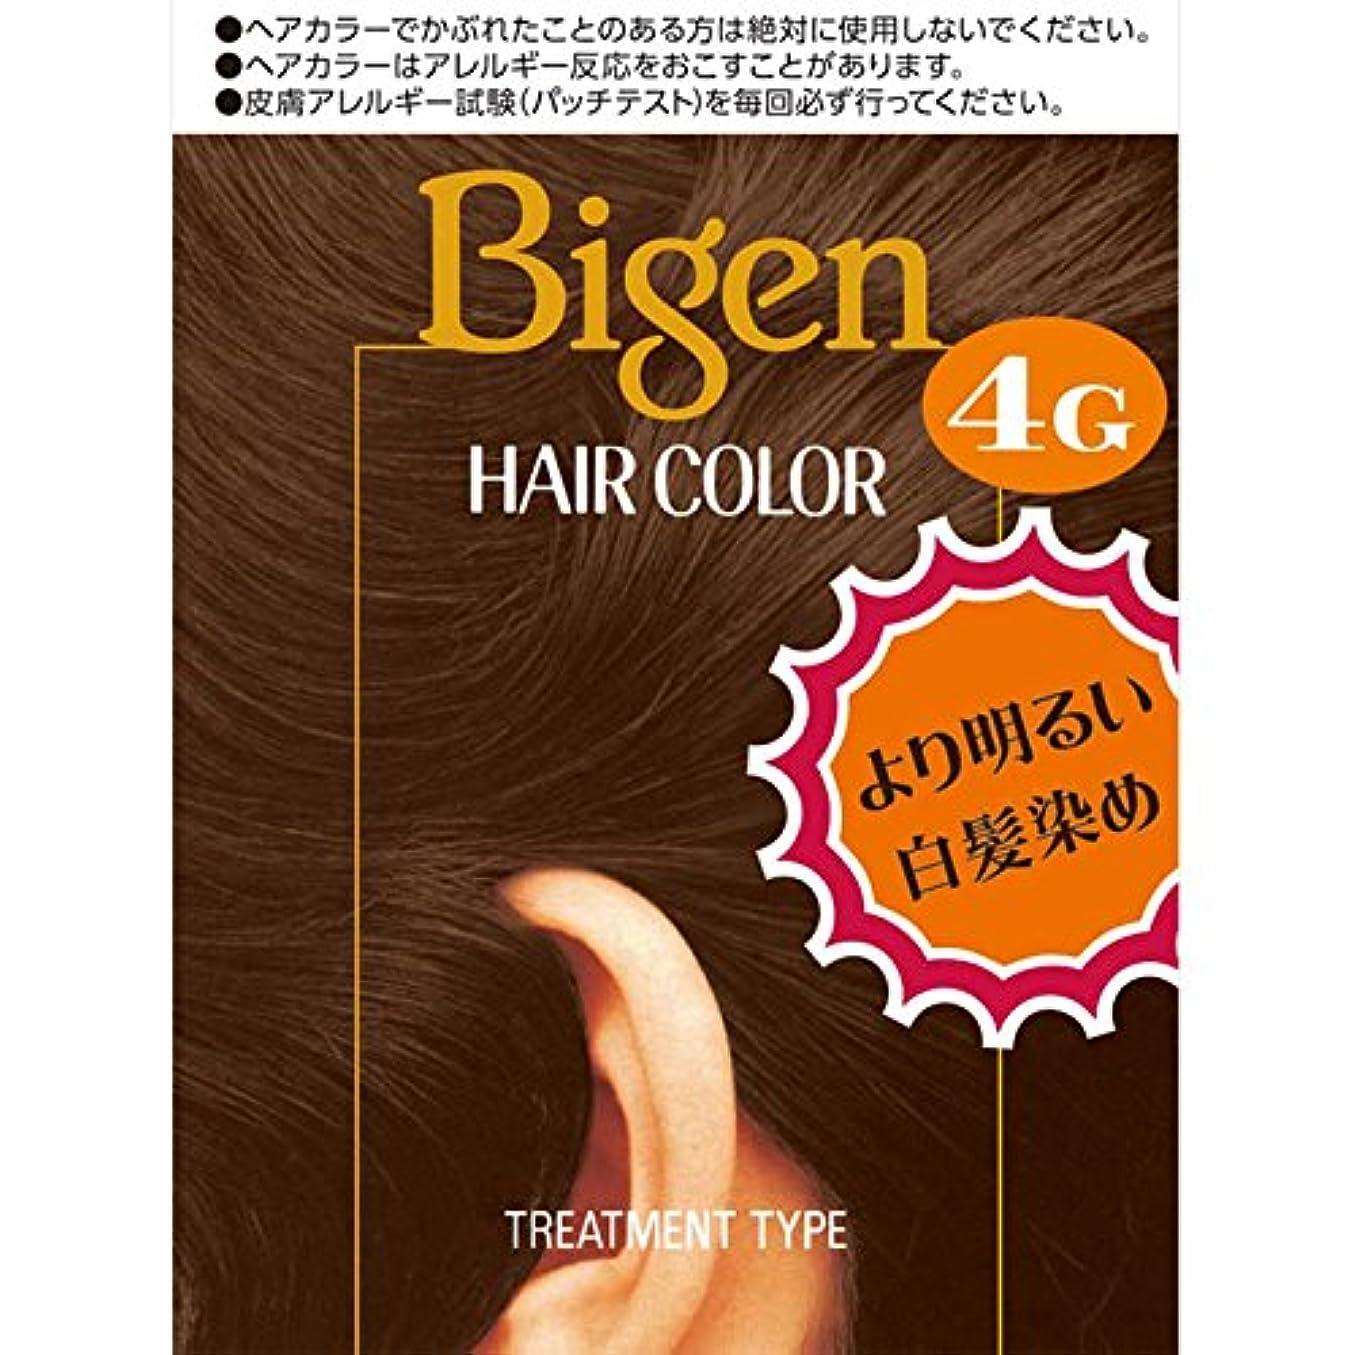 暴力的な放出思春期のホーユー ビゲン ヘアカラー 4G 自然な栗色 40ml×2 (医薬部外品)